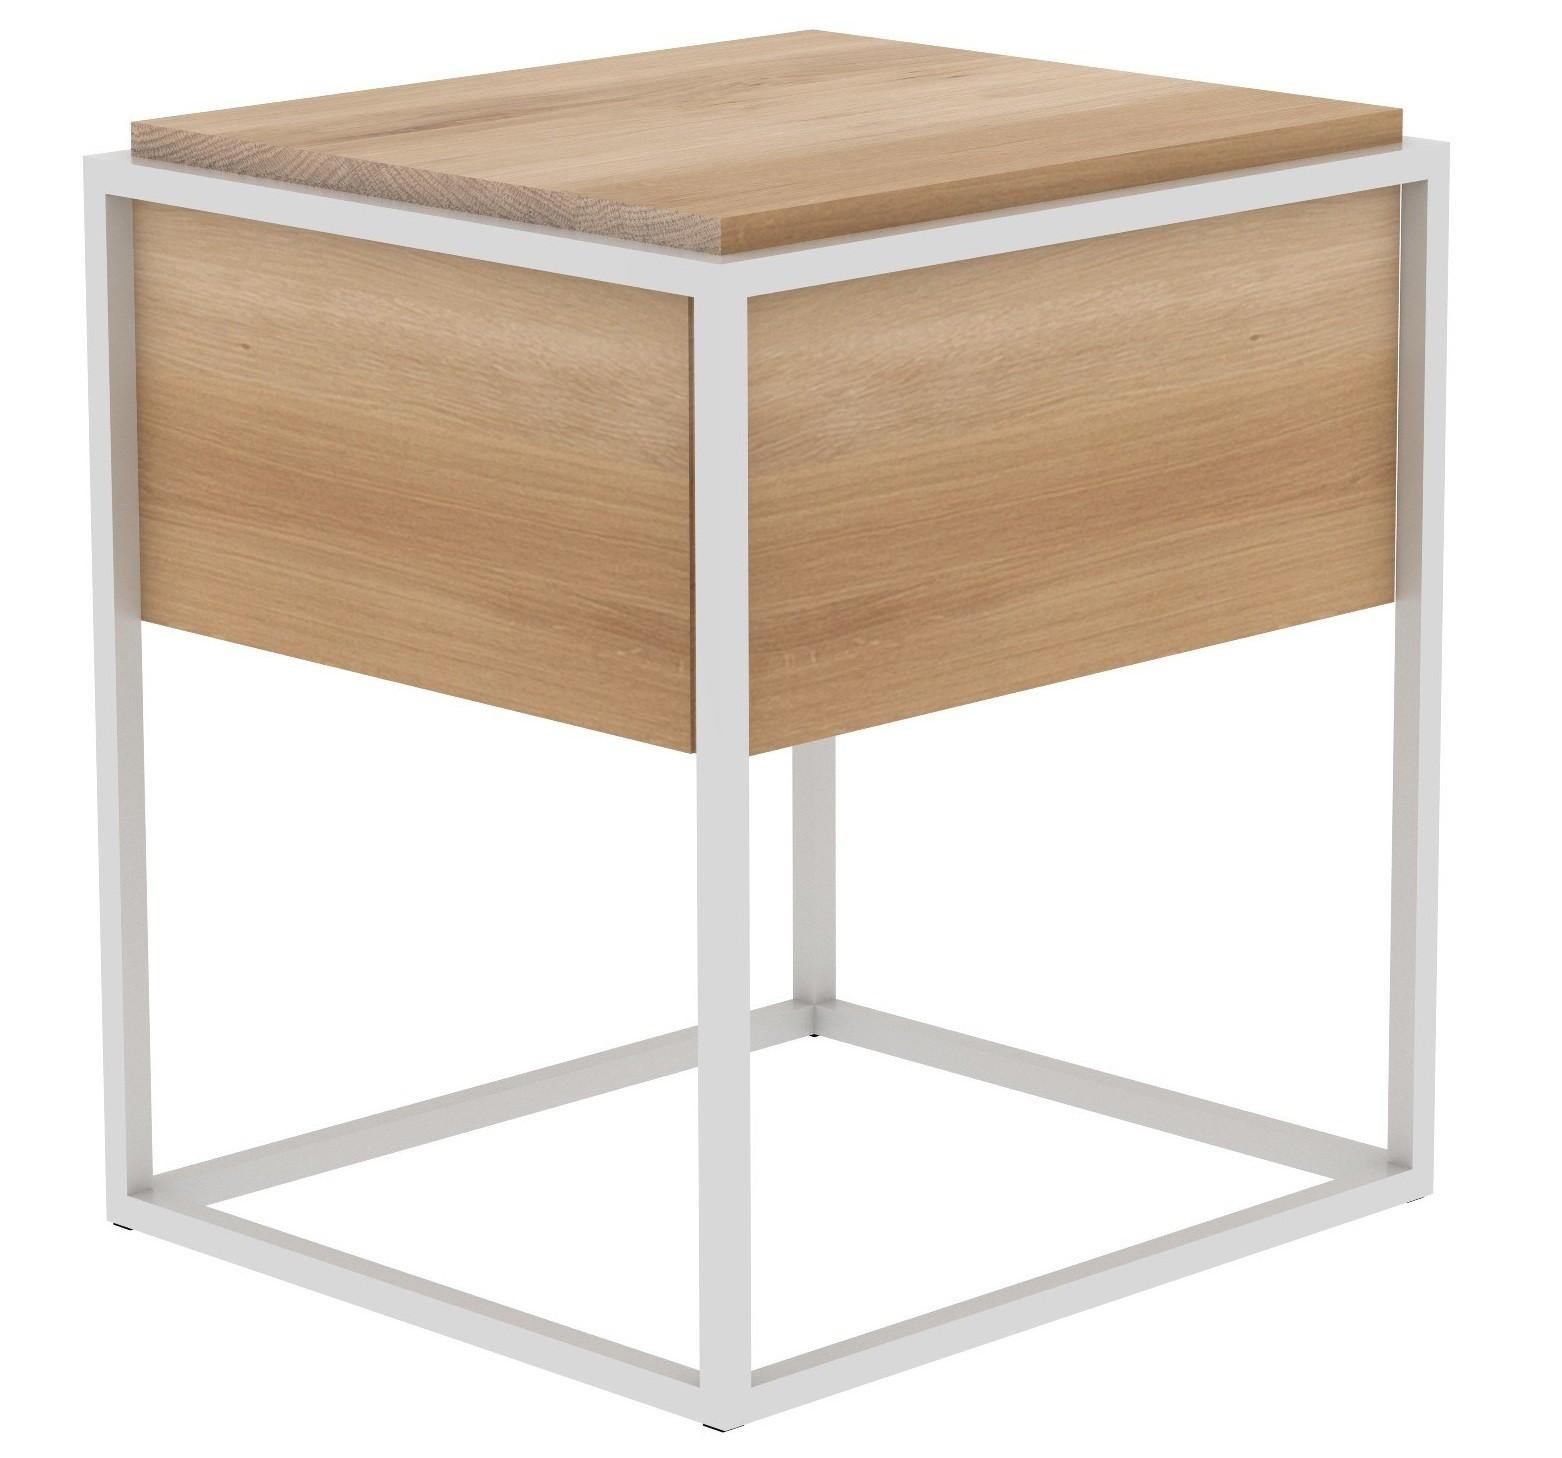 table de chevet monolit d ethnicraft chene et blanc